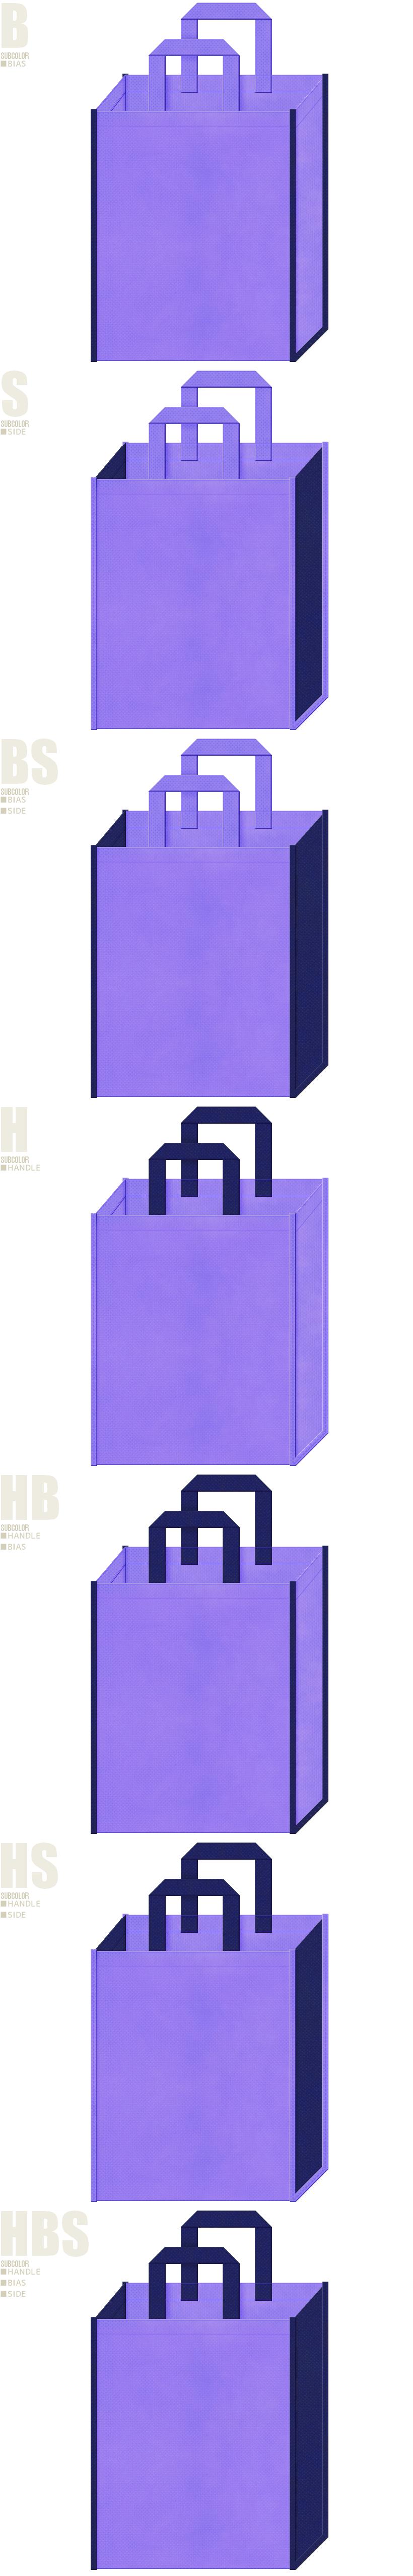 天体観測・星座・プラネタリウム・星占い・星空のイベント・神話・伝説・ゲームの展示会用バッグにお奨めの不織布バッグデザイン:薄紫色と明るい紺色の配色7パターン